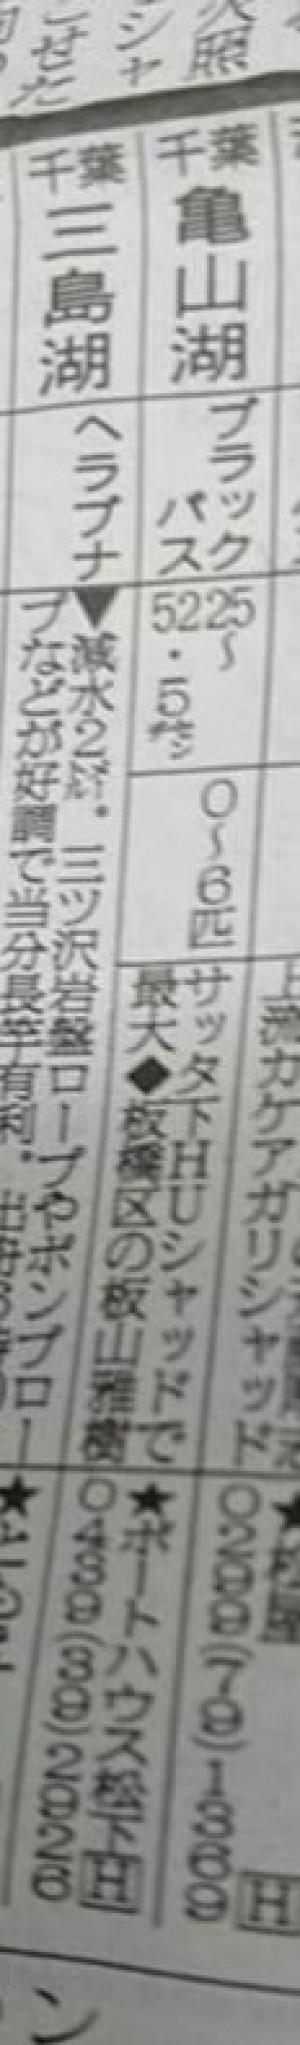 hideup 板山雅樹  ブログ写真 2017/02/02